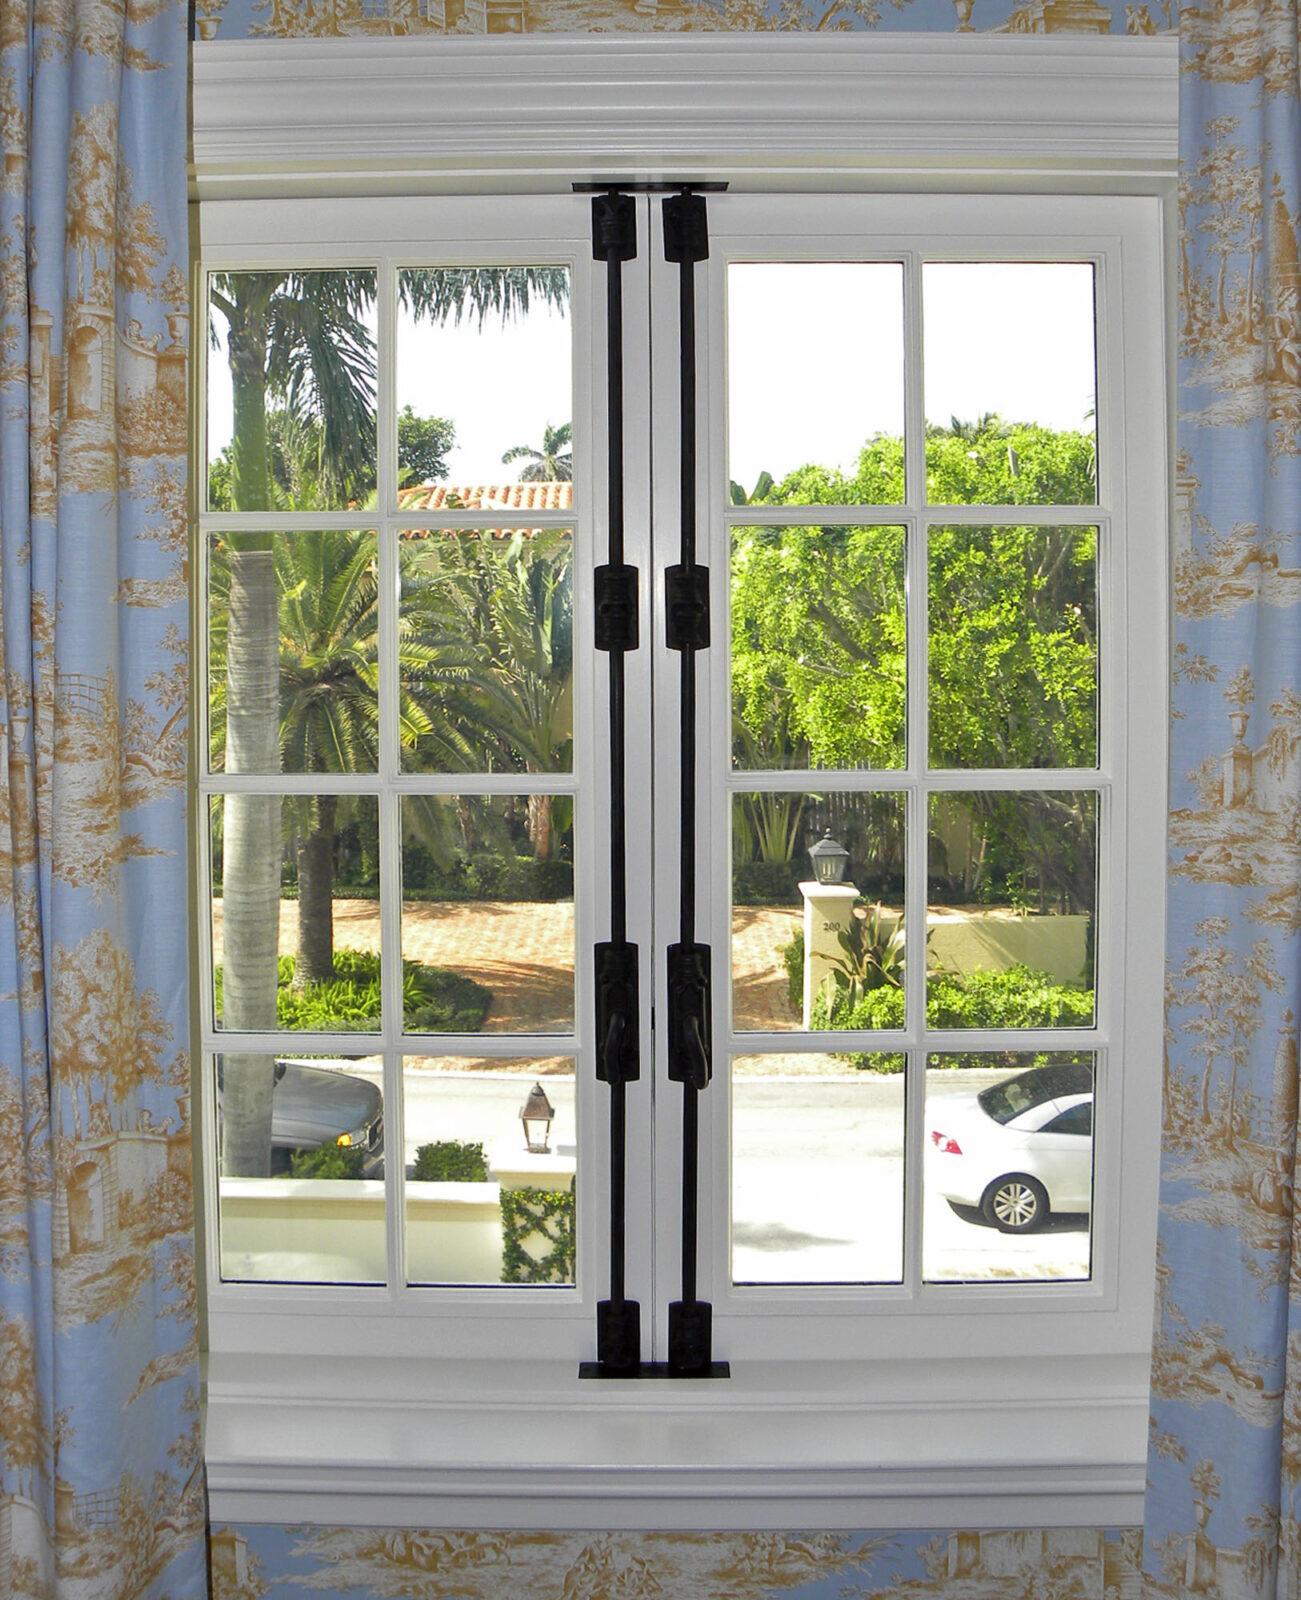 EL VENADO PALM BEACH WINDOW